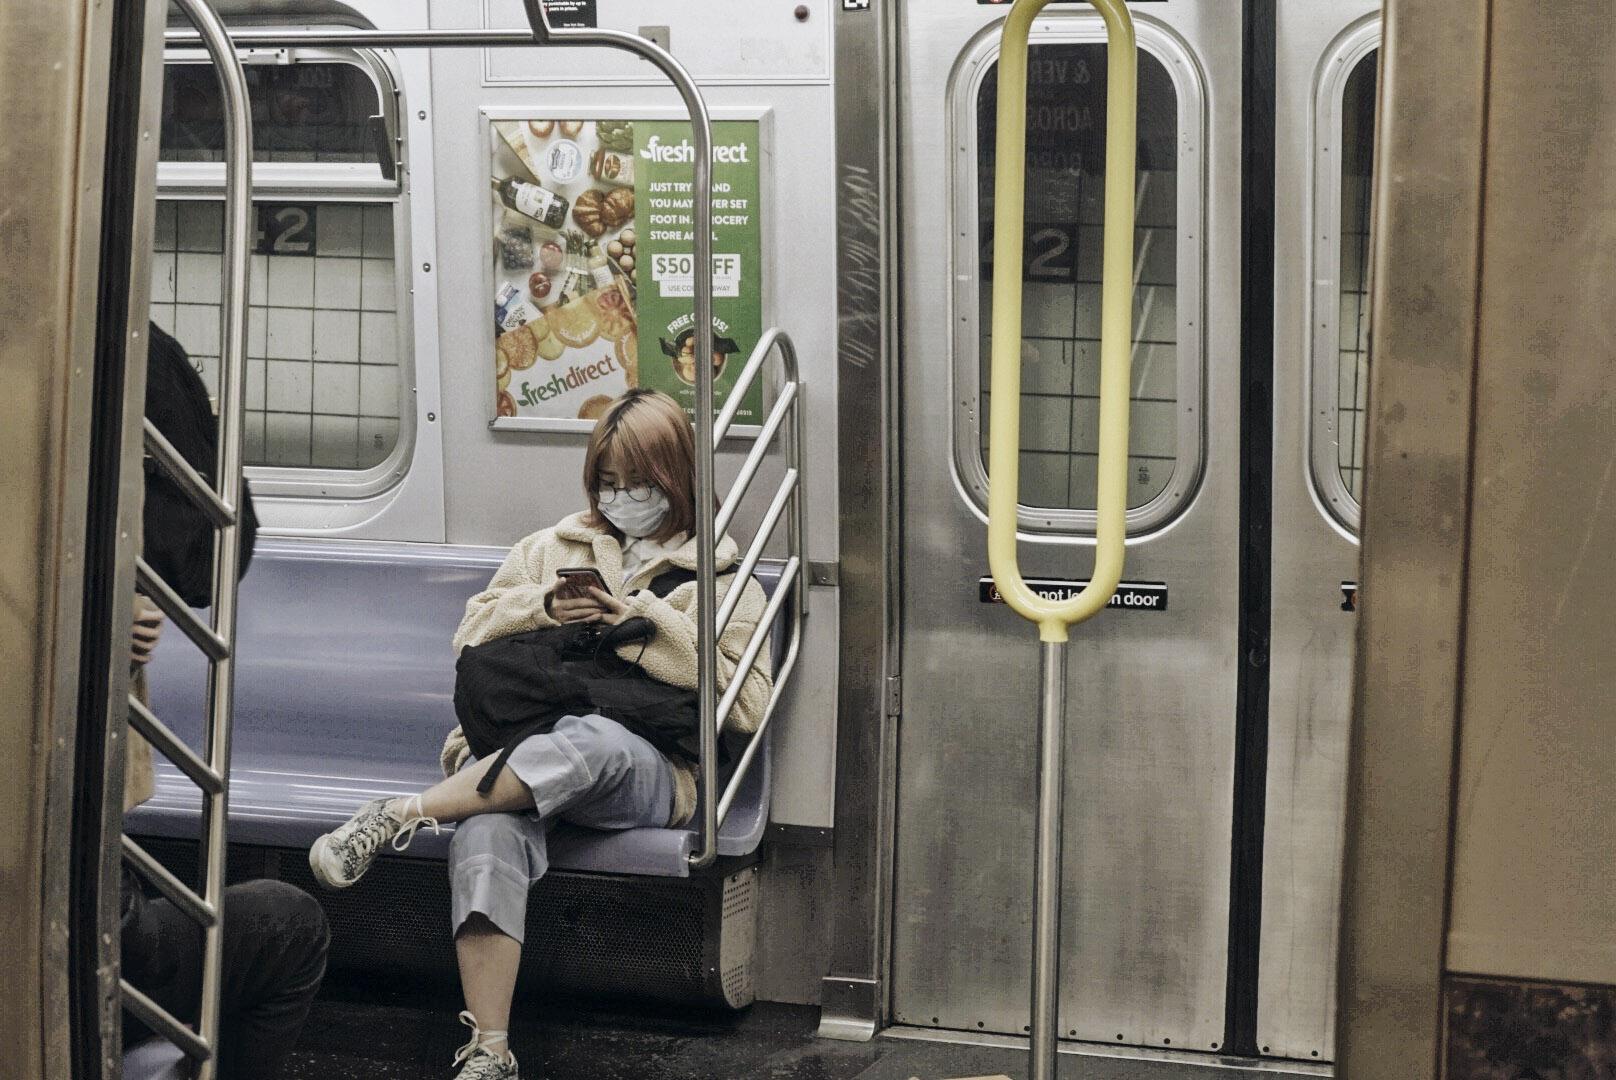 Una joven asiática en el desolato subway de la estación Rockefeller Center, NY. Eduardo Say